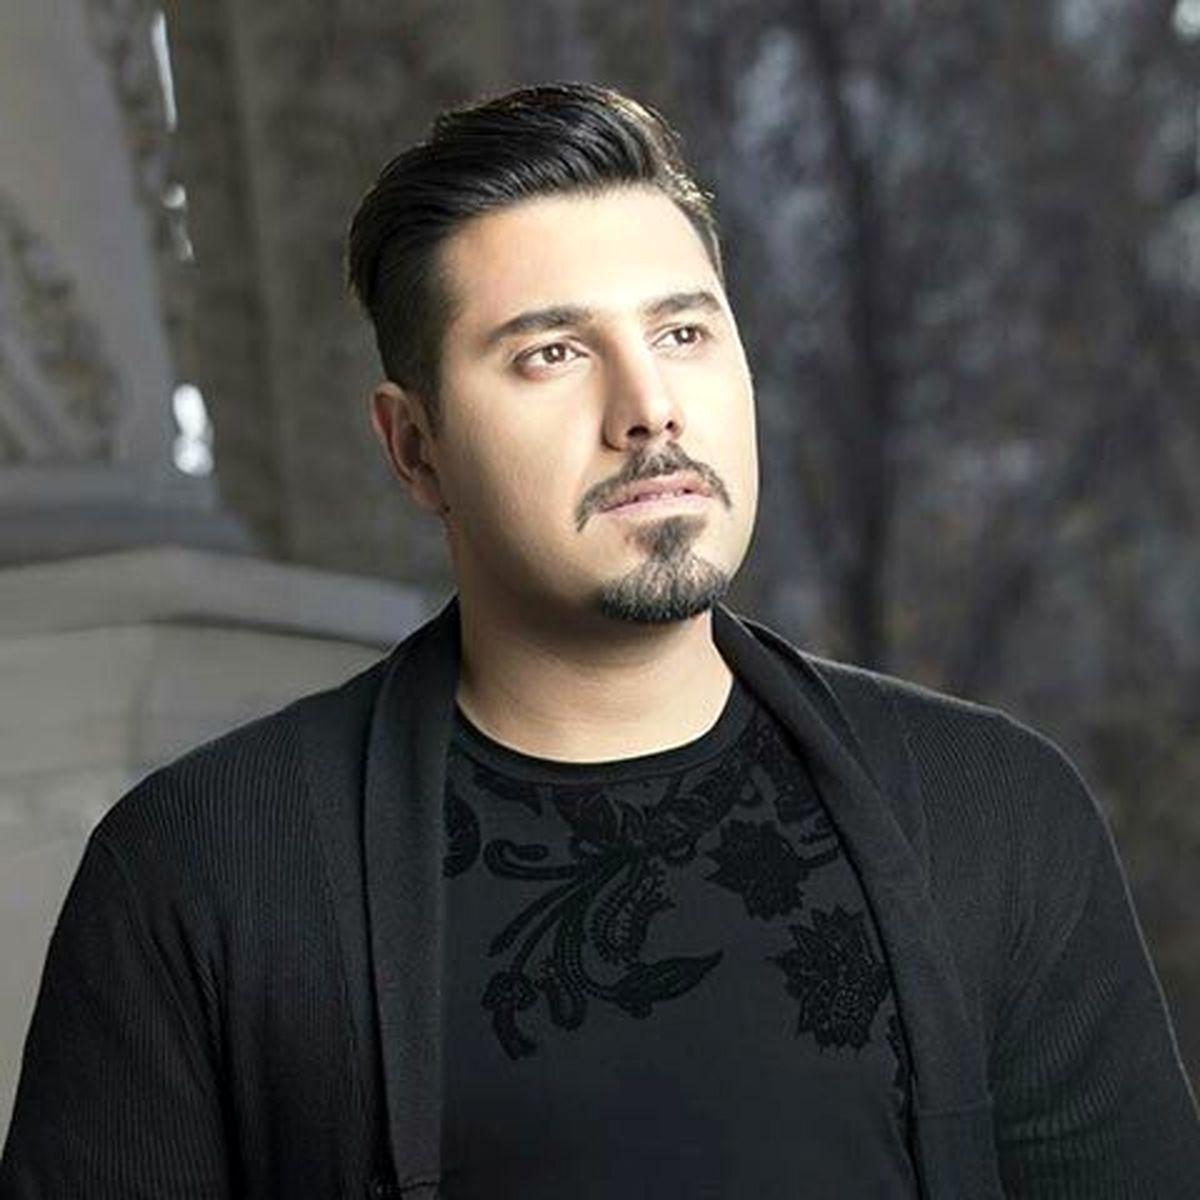 اتاق بازی لاکچری پسر احسان خواجه امیری + عکس